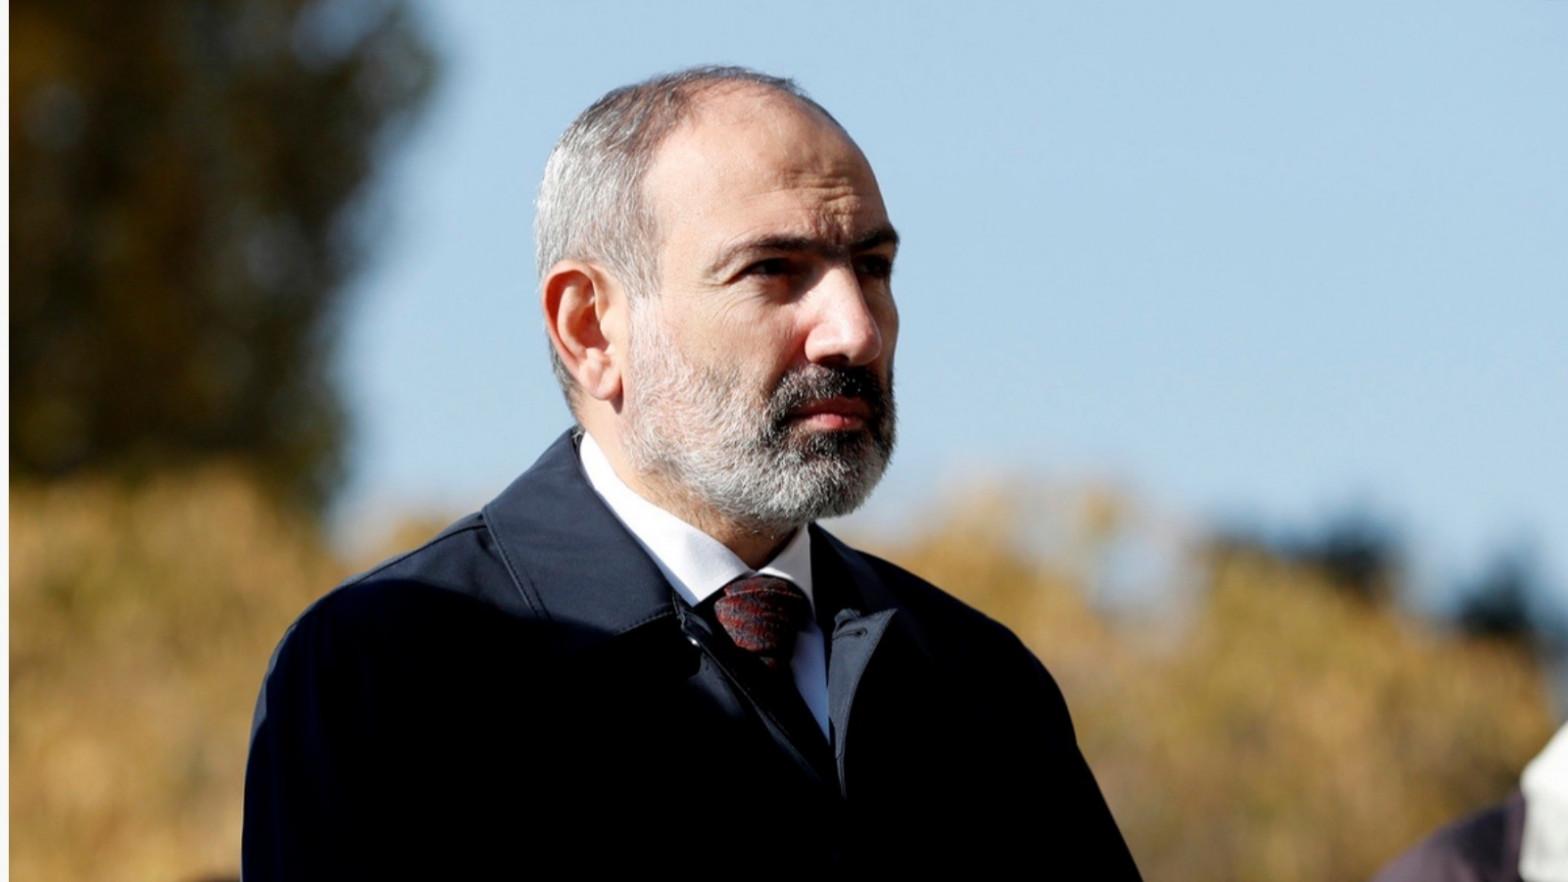 El primer ministro de Armenia presenta su dimisión para forzar elecciones anticipadas